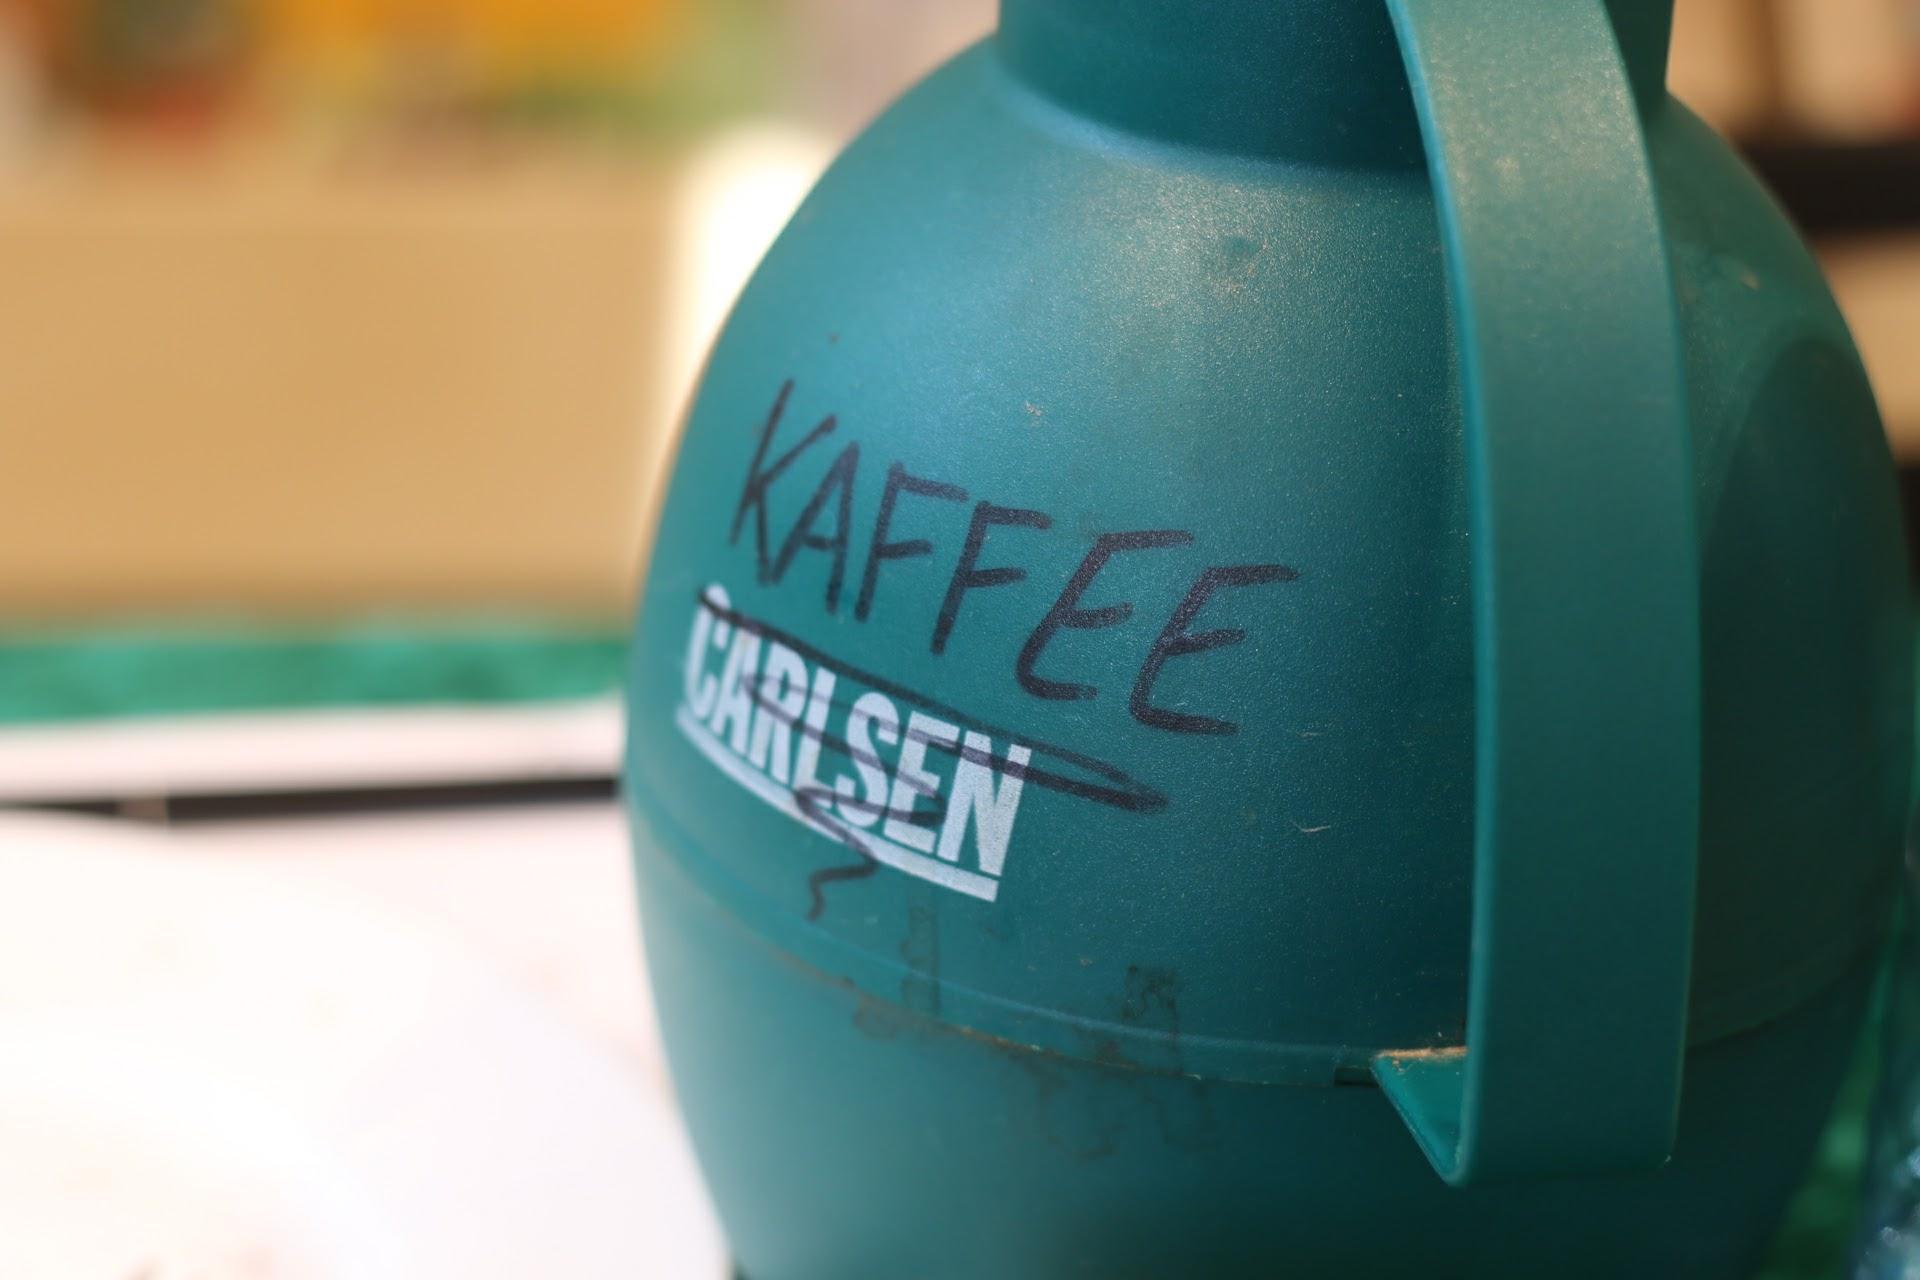 Blogger-Event Kaffee Kaffeeklatsch Carlsen Kaffeekanne